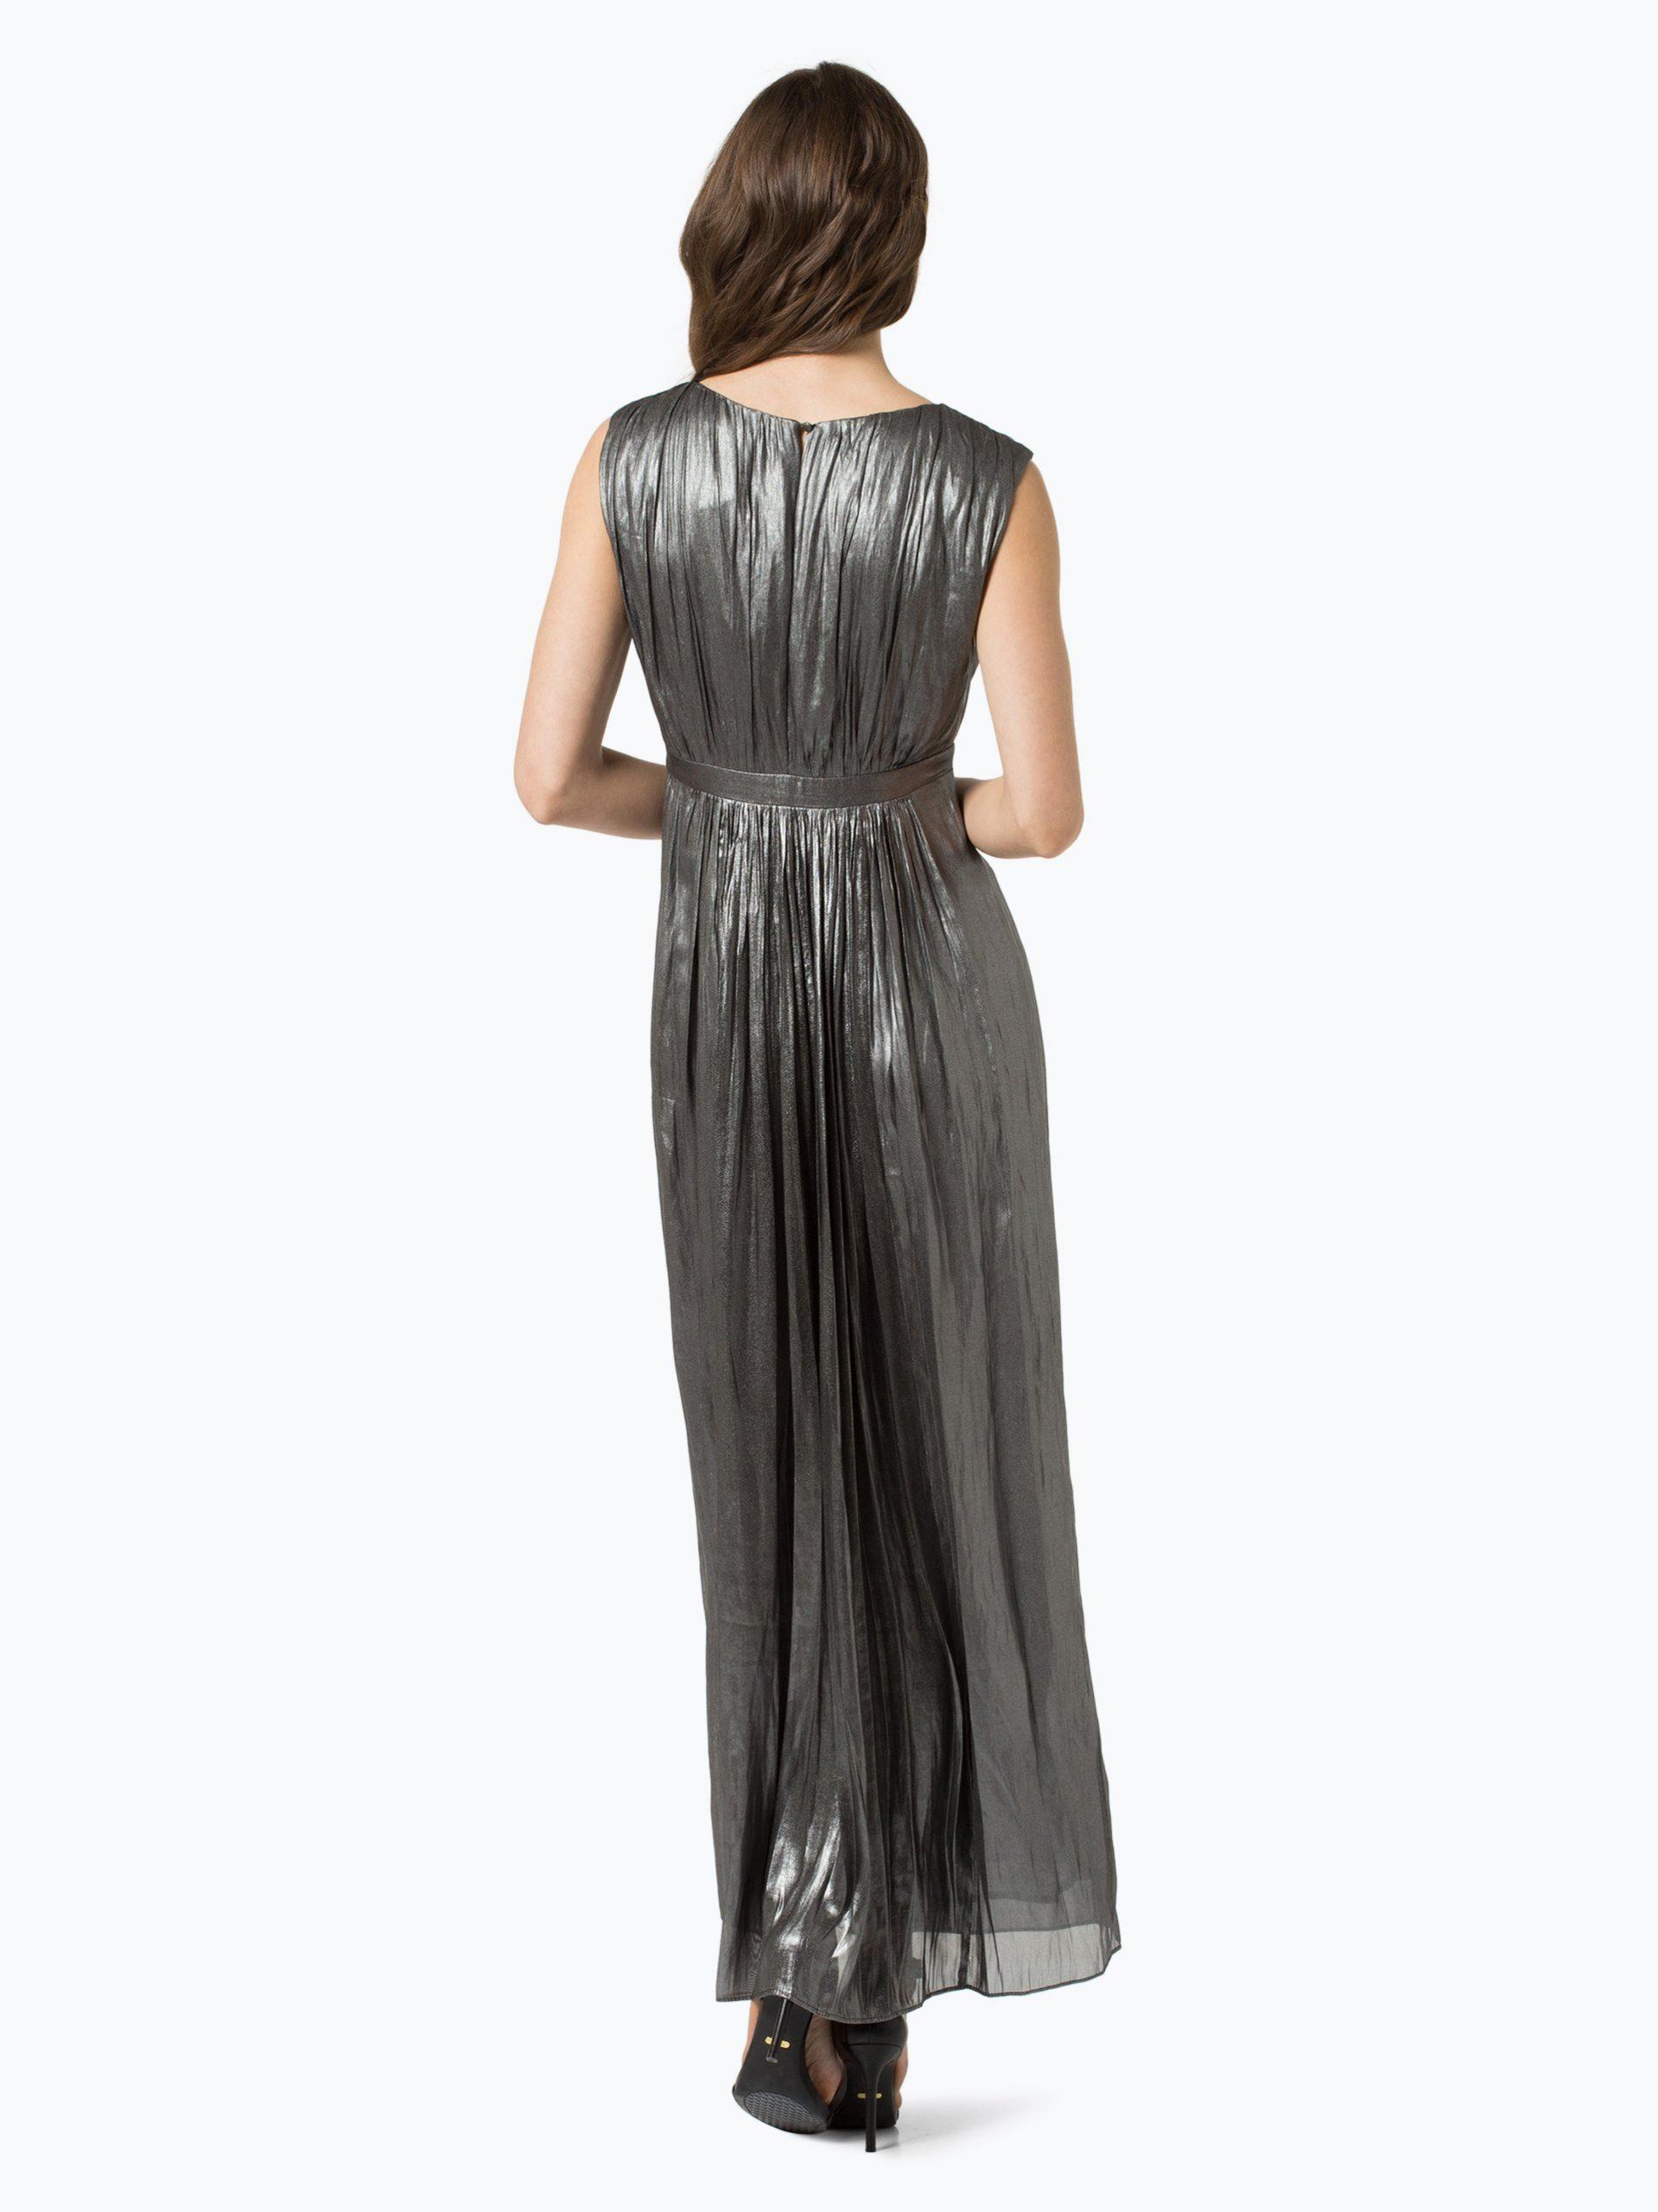 10 Kreativ Esprit Abend Kleid Spezialgebiet17 Elegant Esprit Abend Kleid Vertrieb